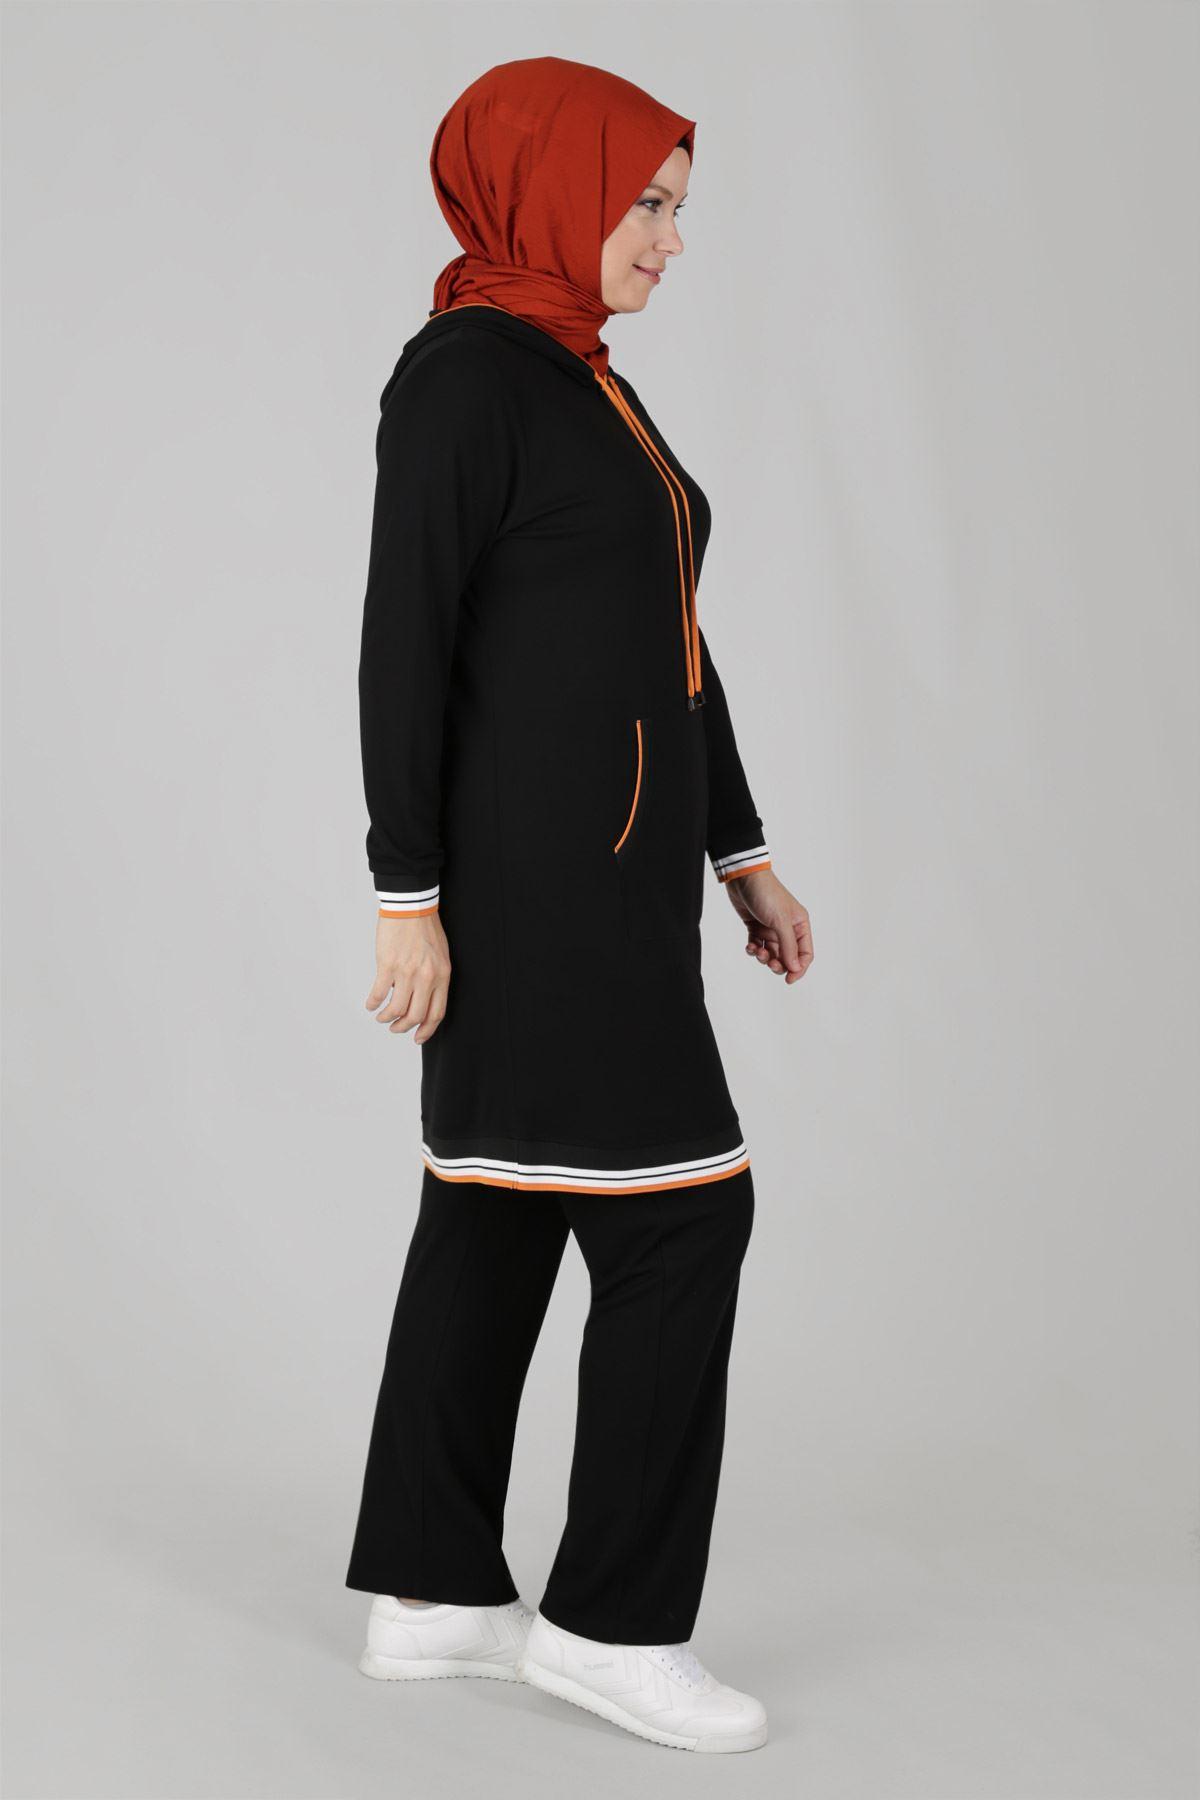 Büyük Beden Tesettür Pantolonlu Takım 35050 Oranj